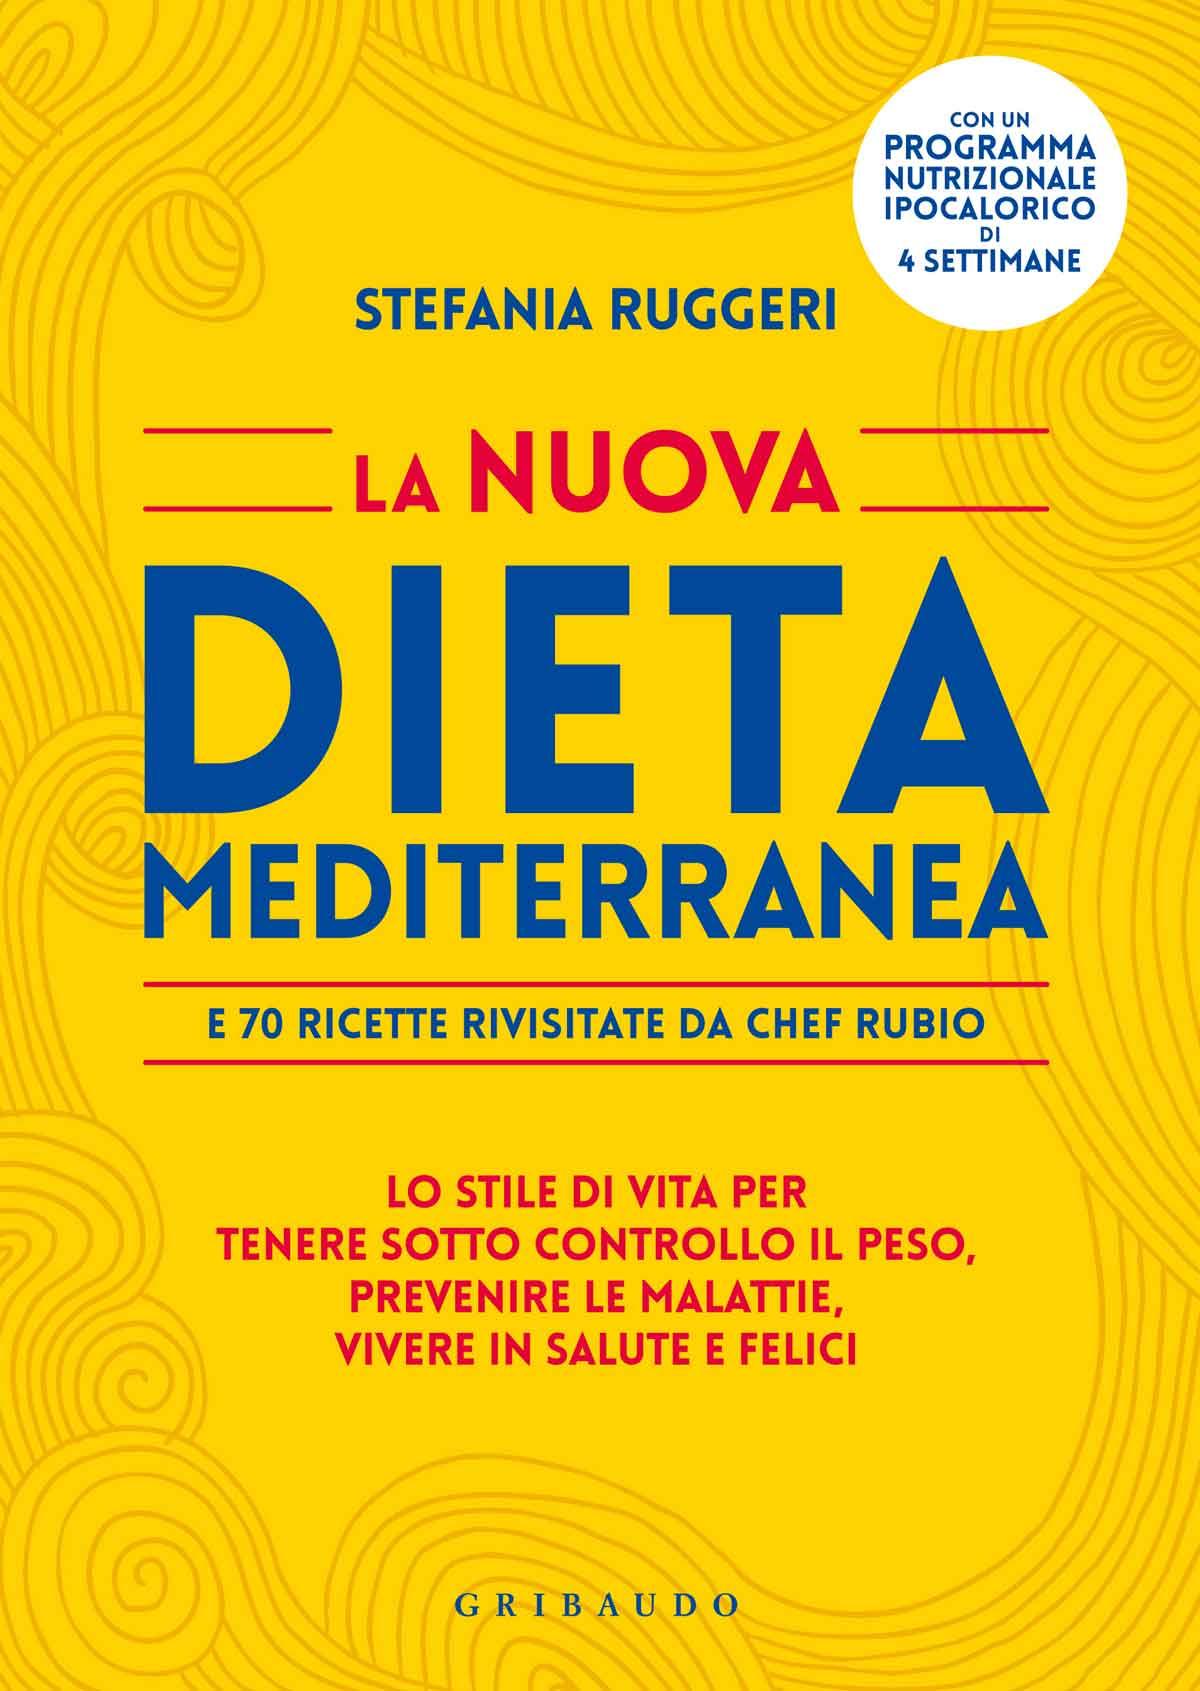 pi precisamente nel mediterraneo pi che nelle diete iperproteiche o a grassi zero feroci nellapproccio veloci nei risultati ma sbilanciate dal